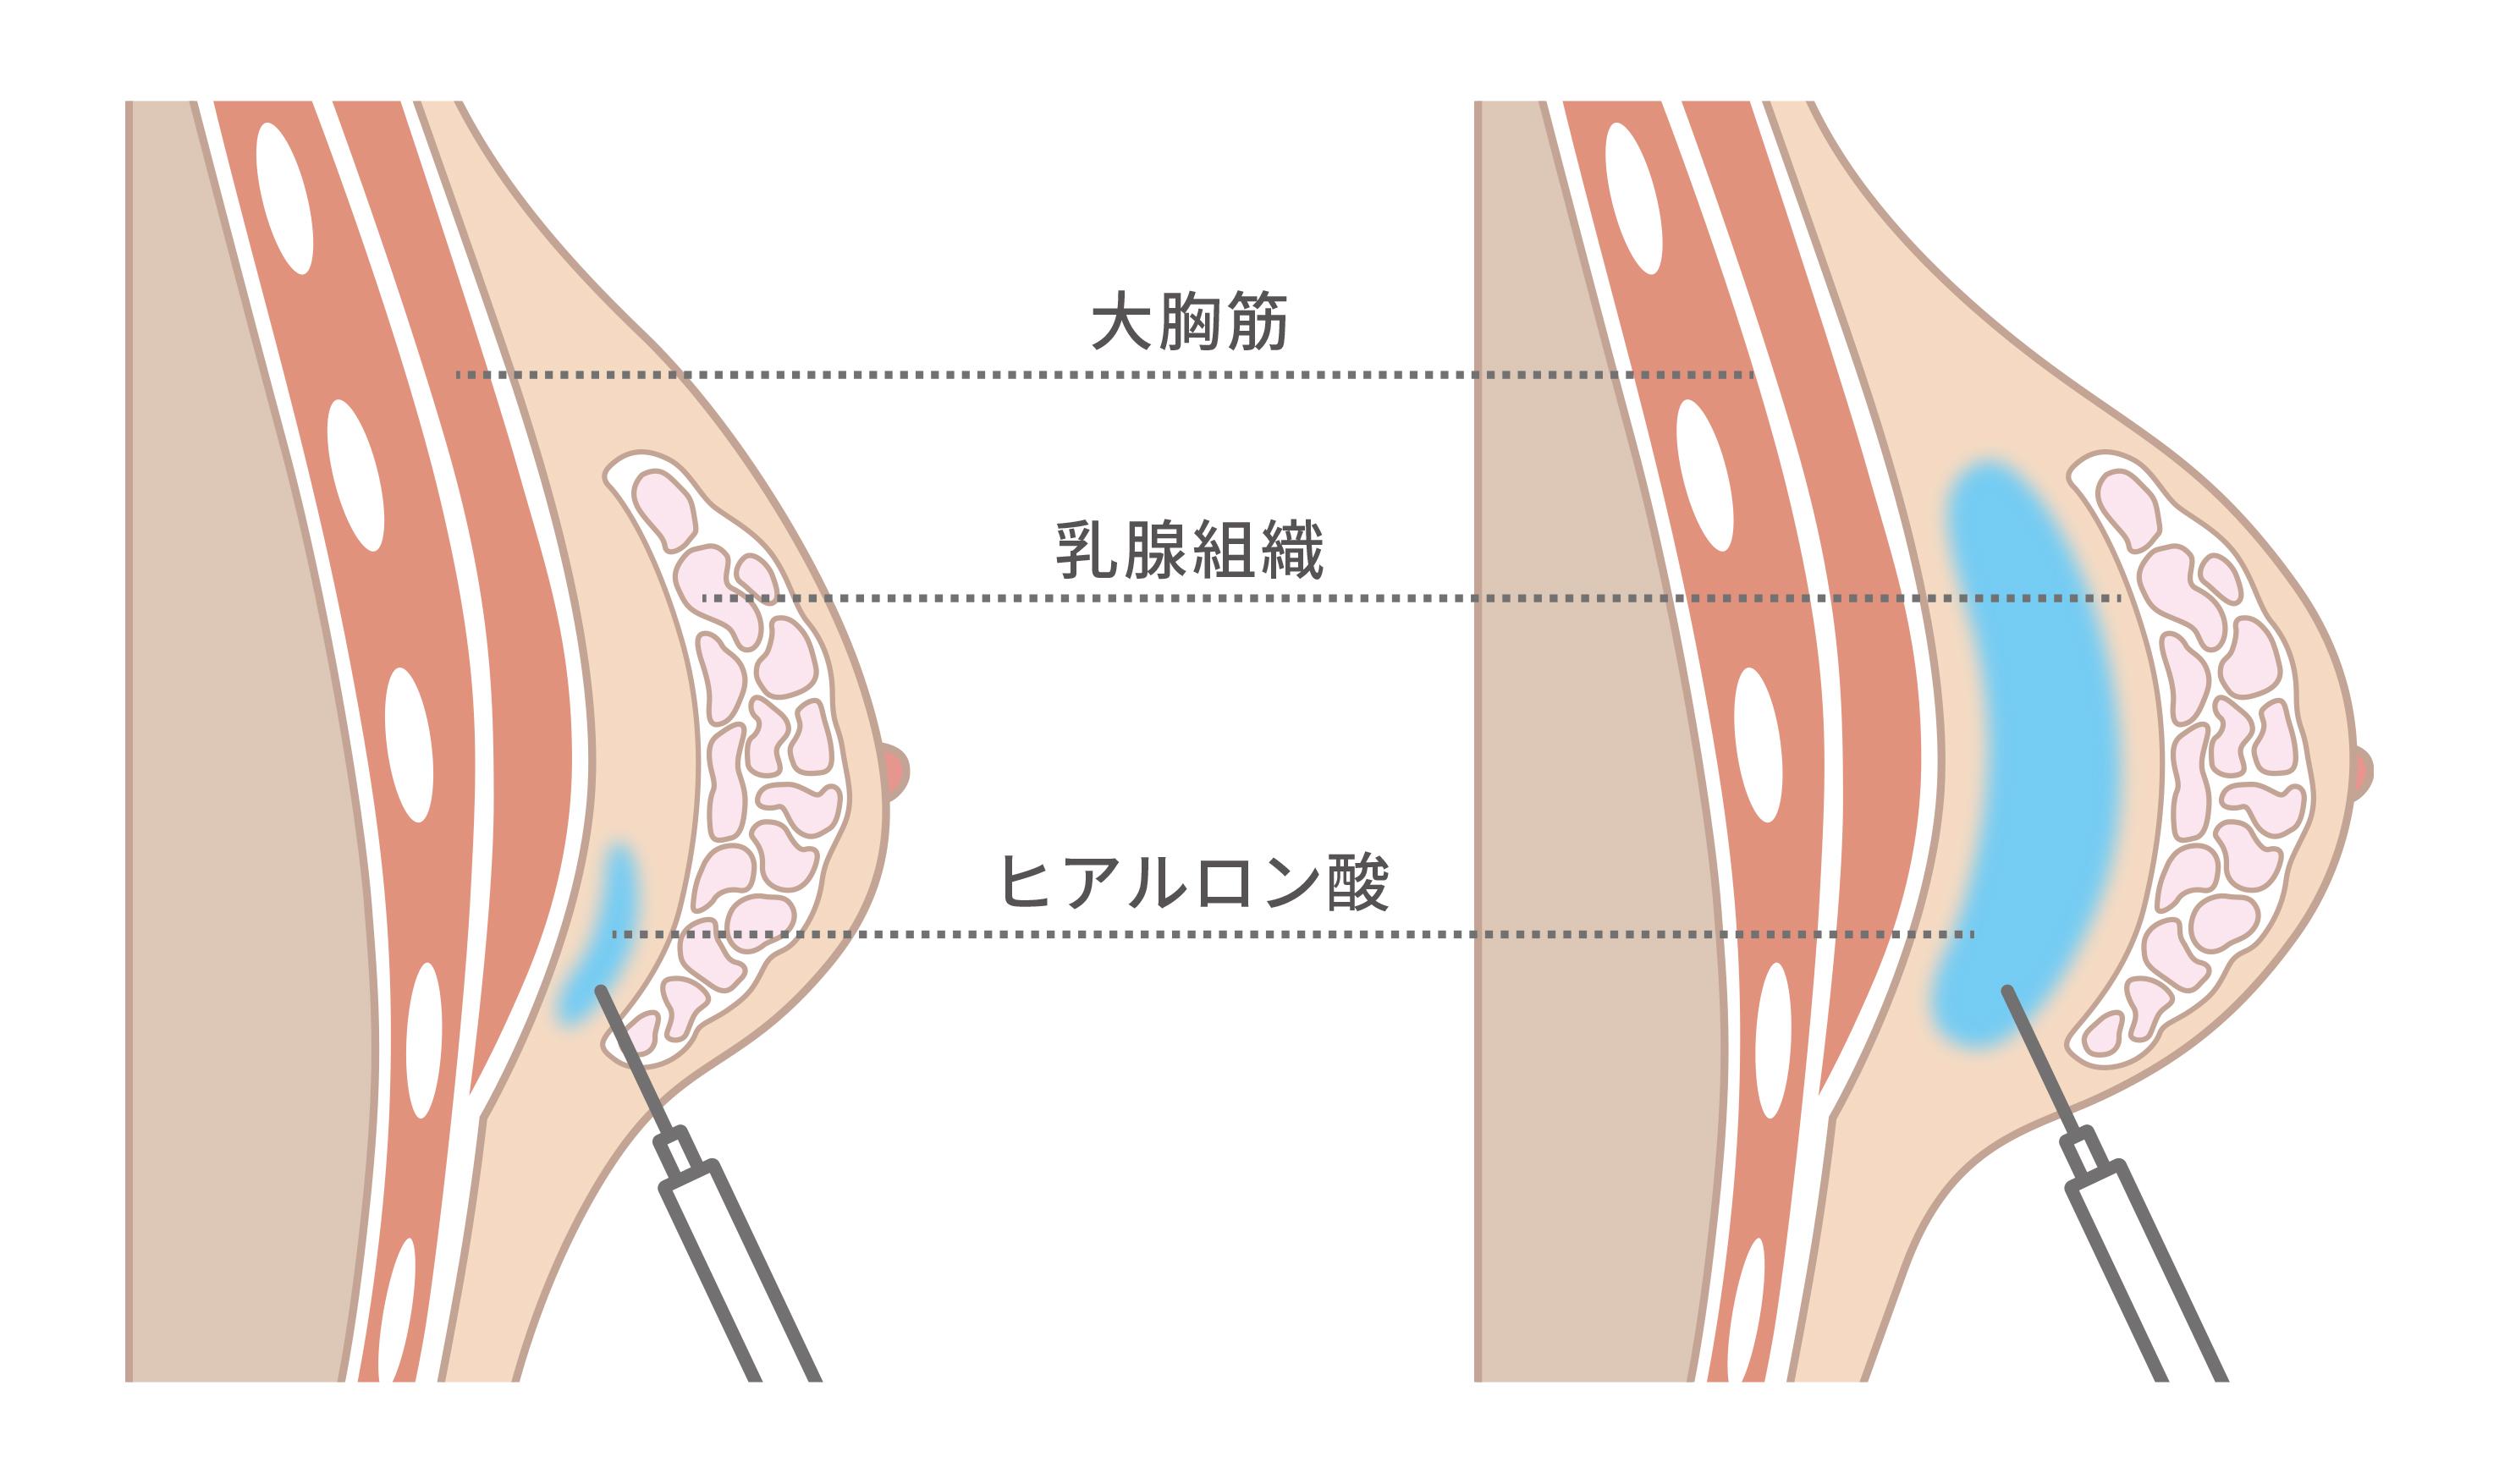 ヒアルロン酸注入豊胸で使用する「ヒアルロン酸」の効果とは